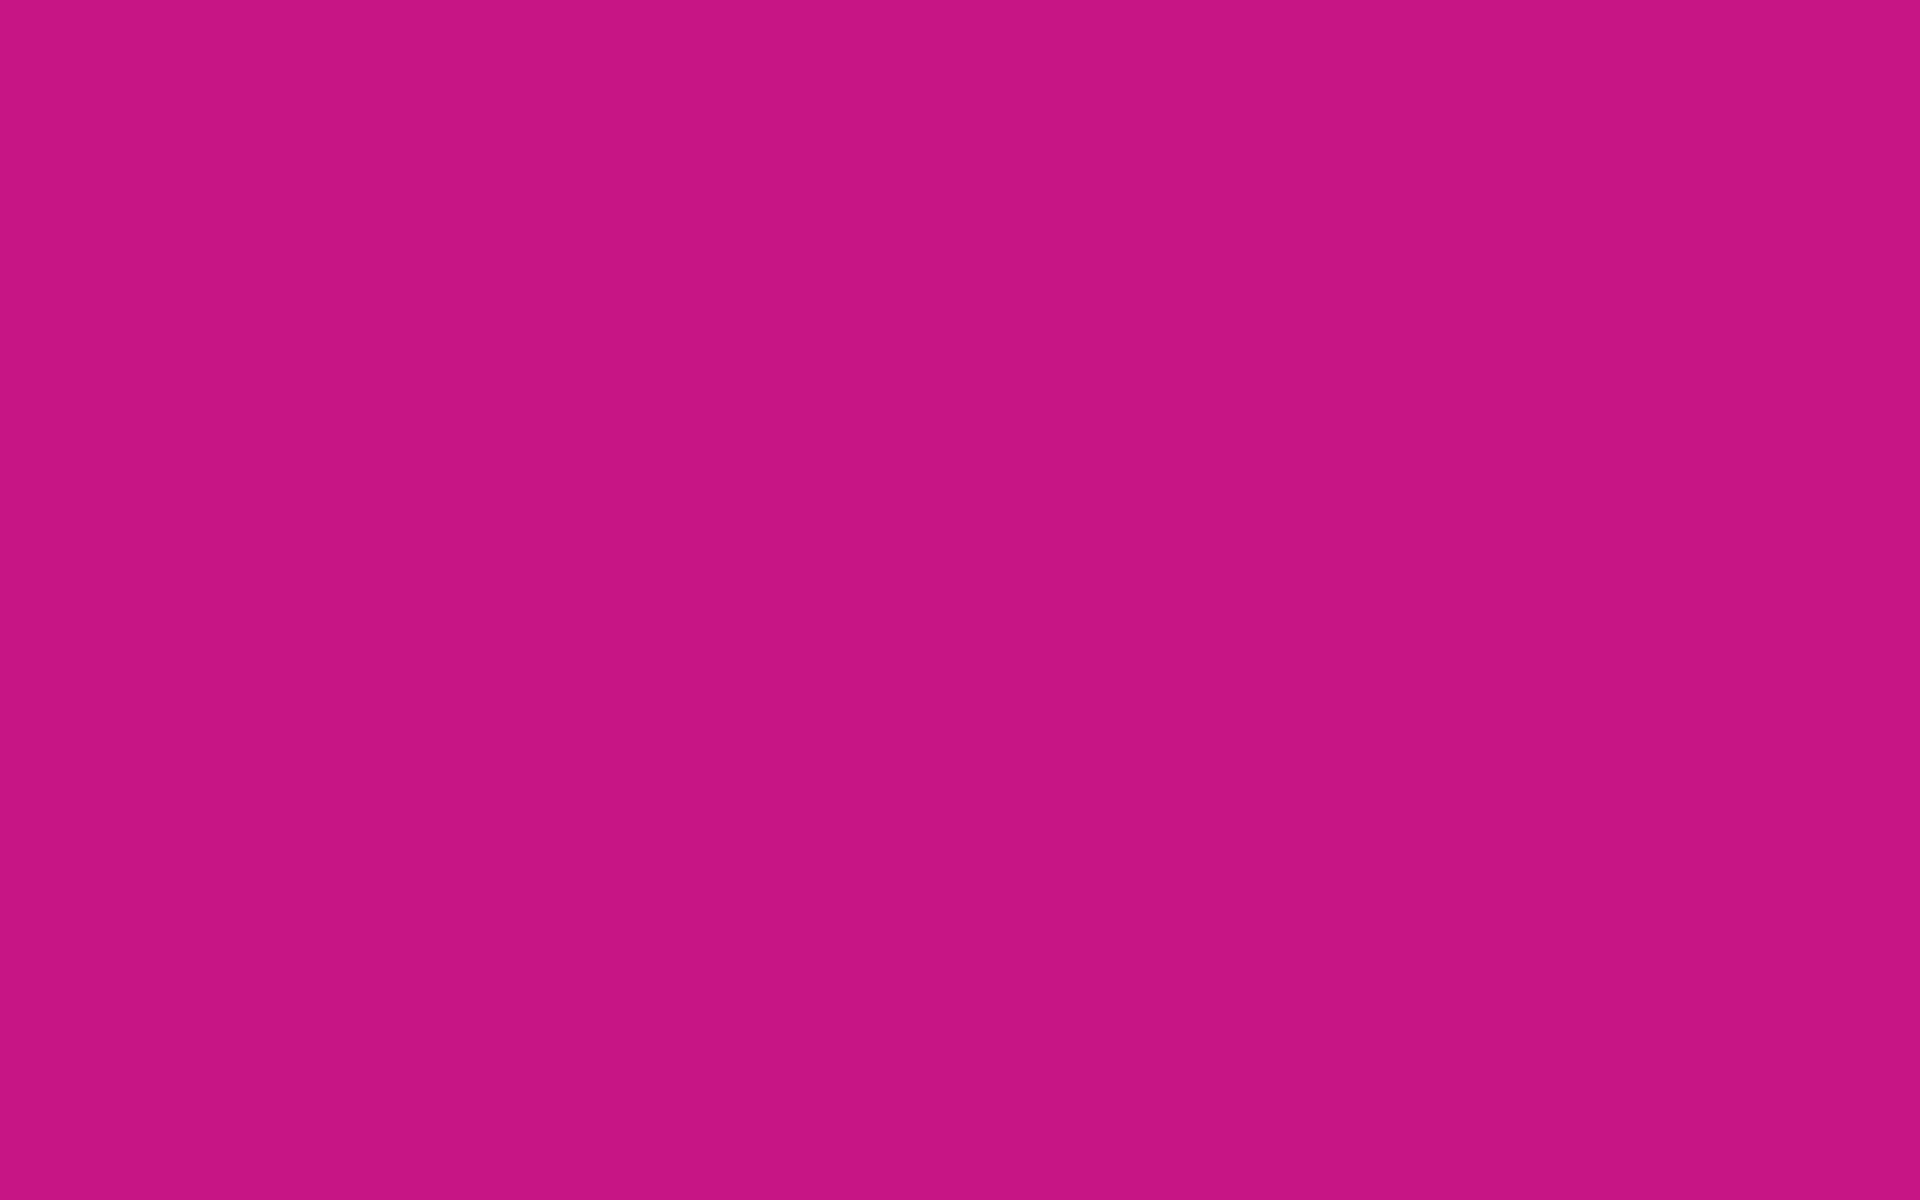 1920x1200 Medium Violet-red Solid Color Background